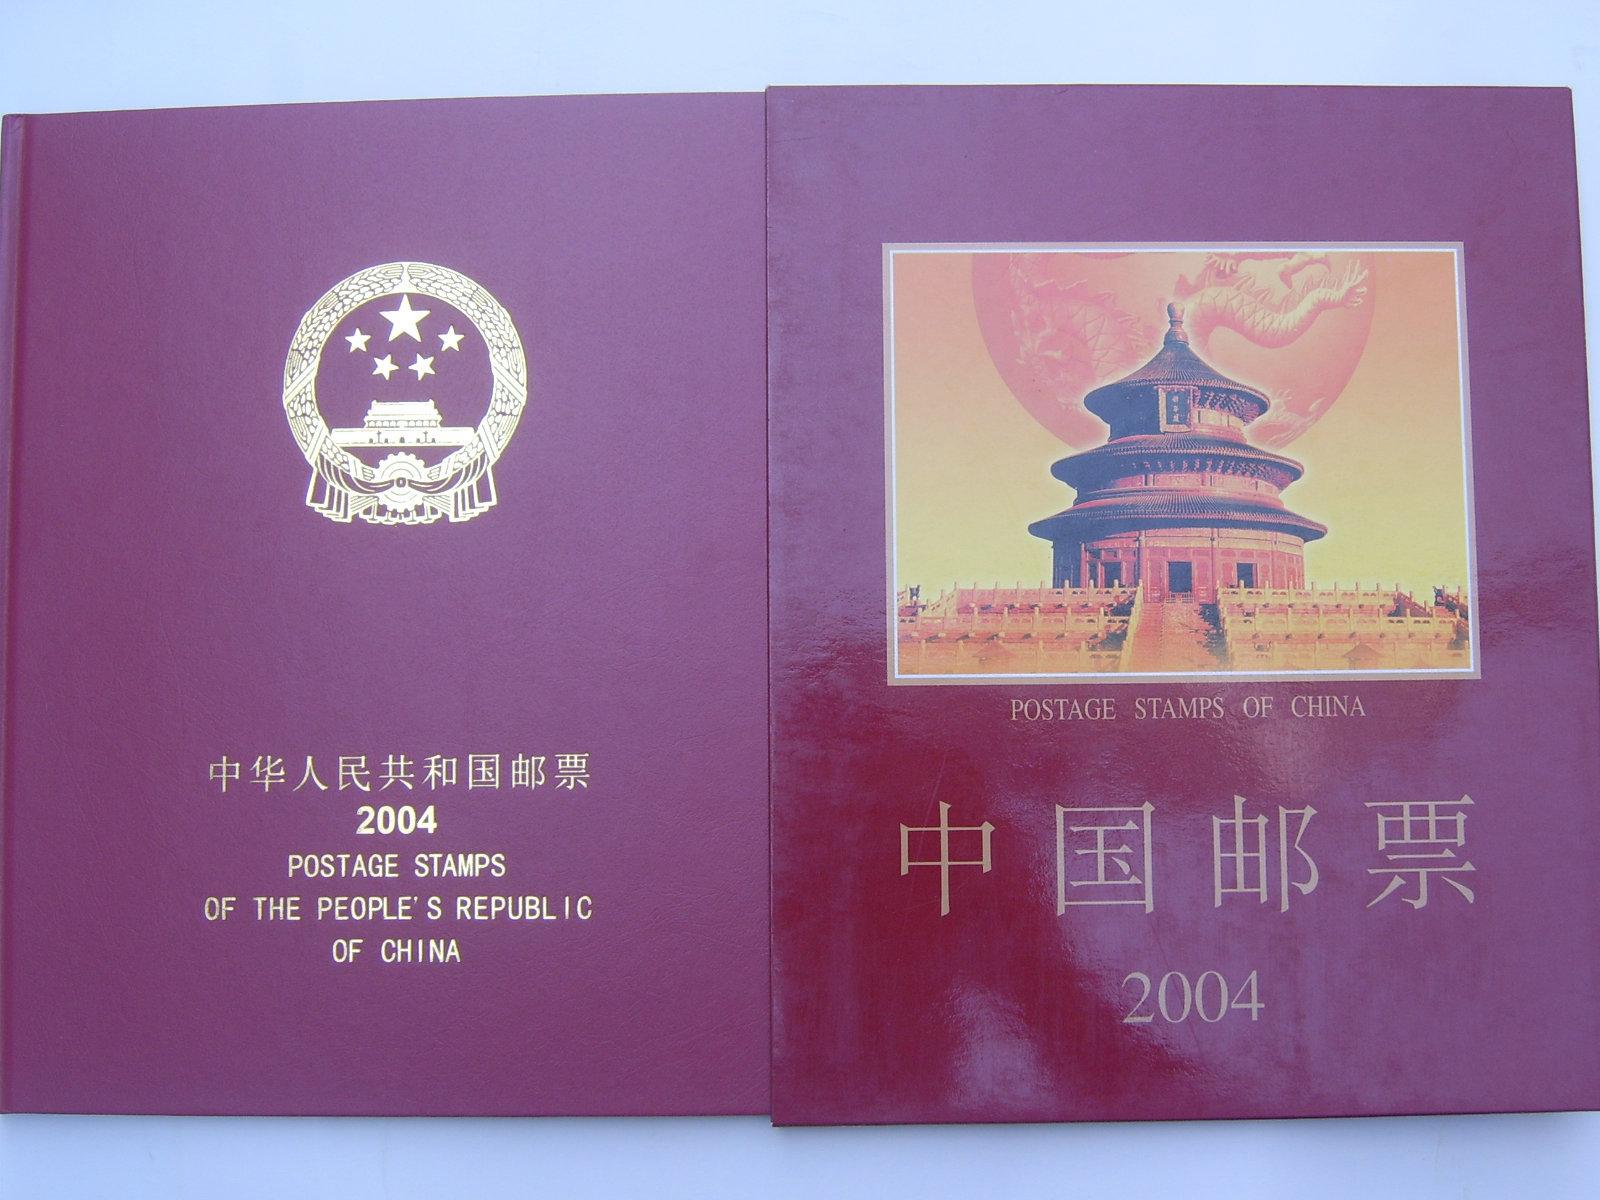 Современные китайские марки Альбом 2004 года филателистический корпорации книги марок год книга 04-штамп блок + версии желтый подарки зодиака обезьяна